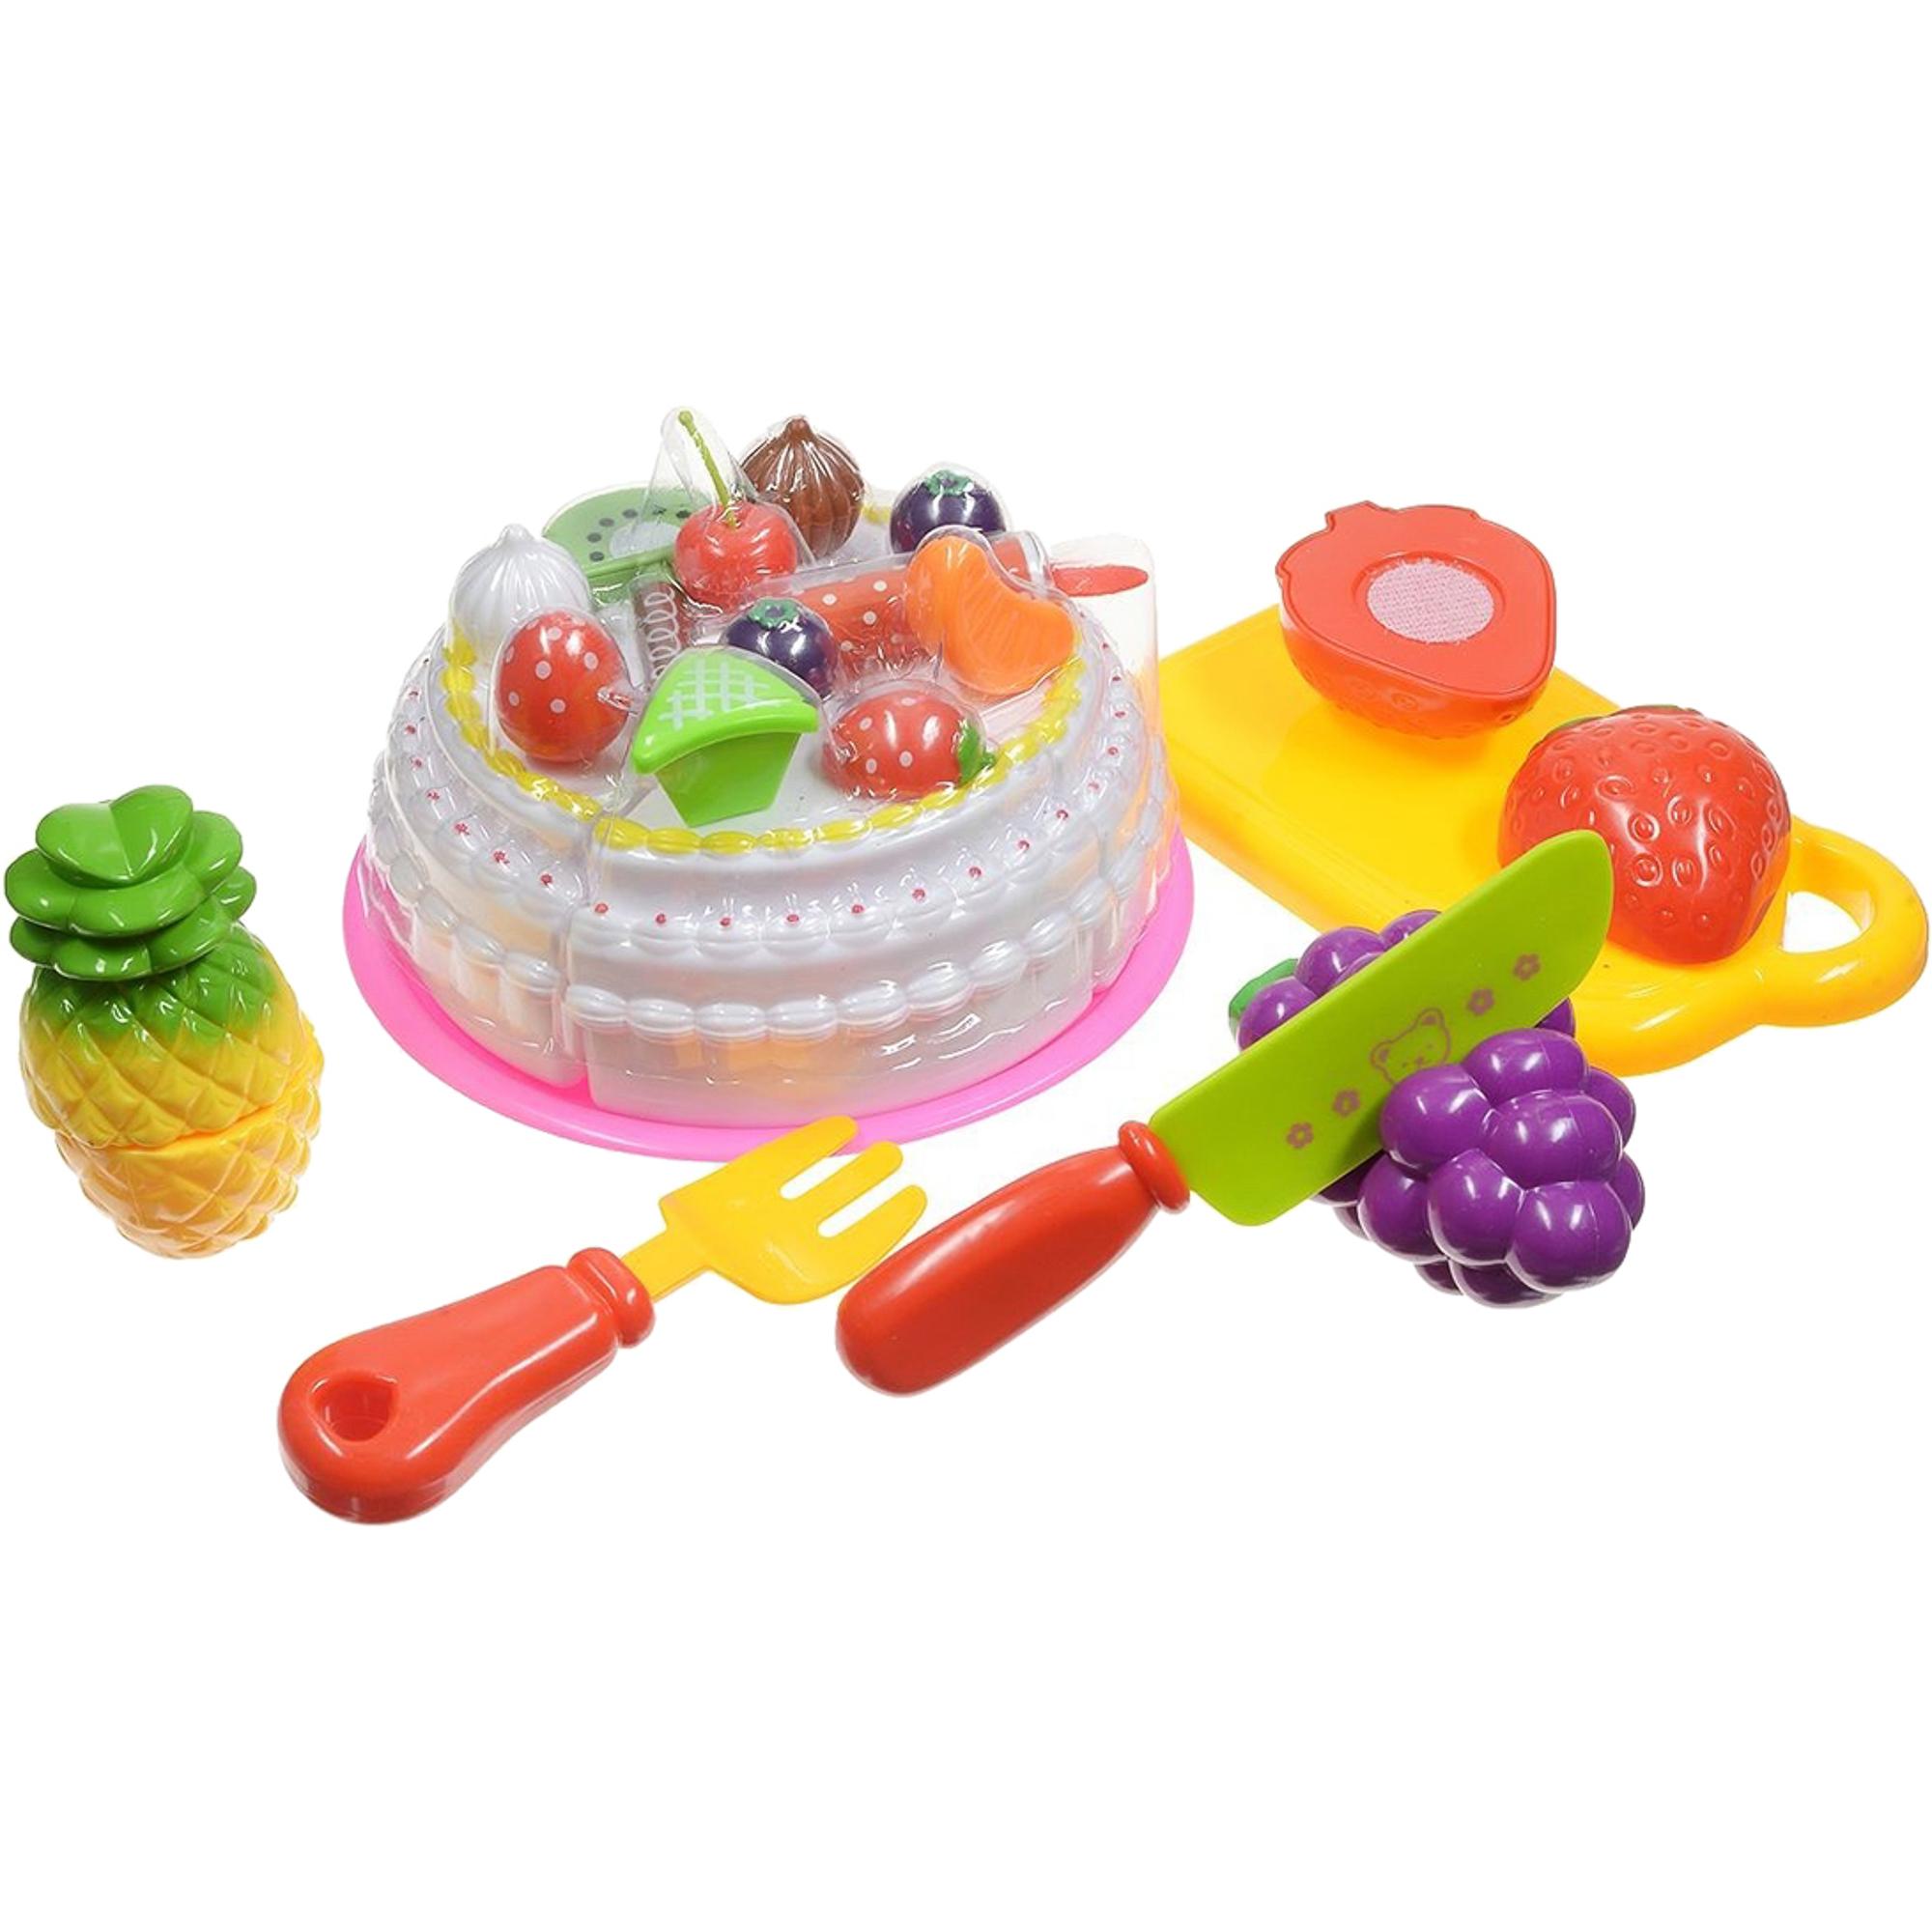 Купить Игровой набор ABtoys Помогаю Маме Набор продуктов для резки PT-00282, Китай, пластик, Наборы игровые